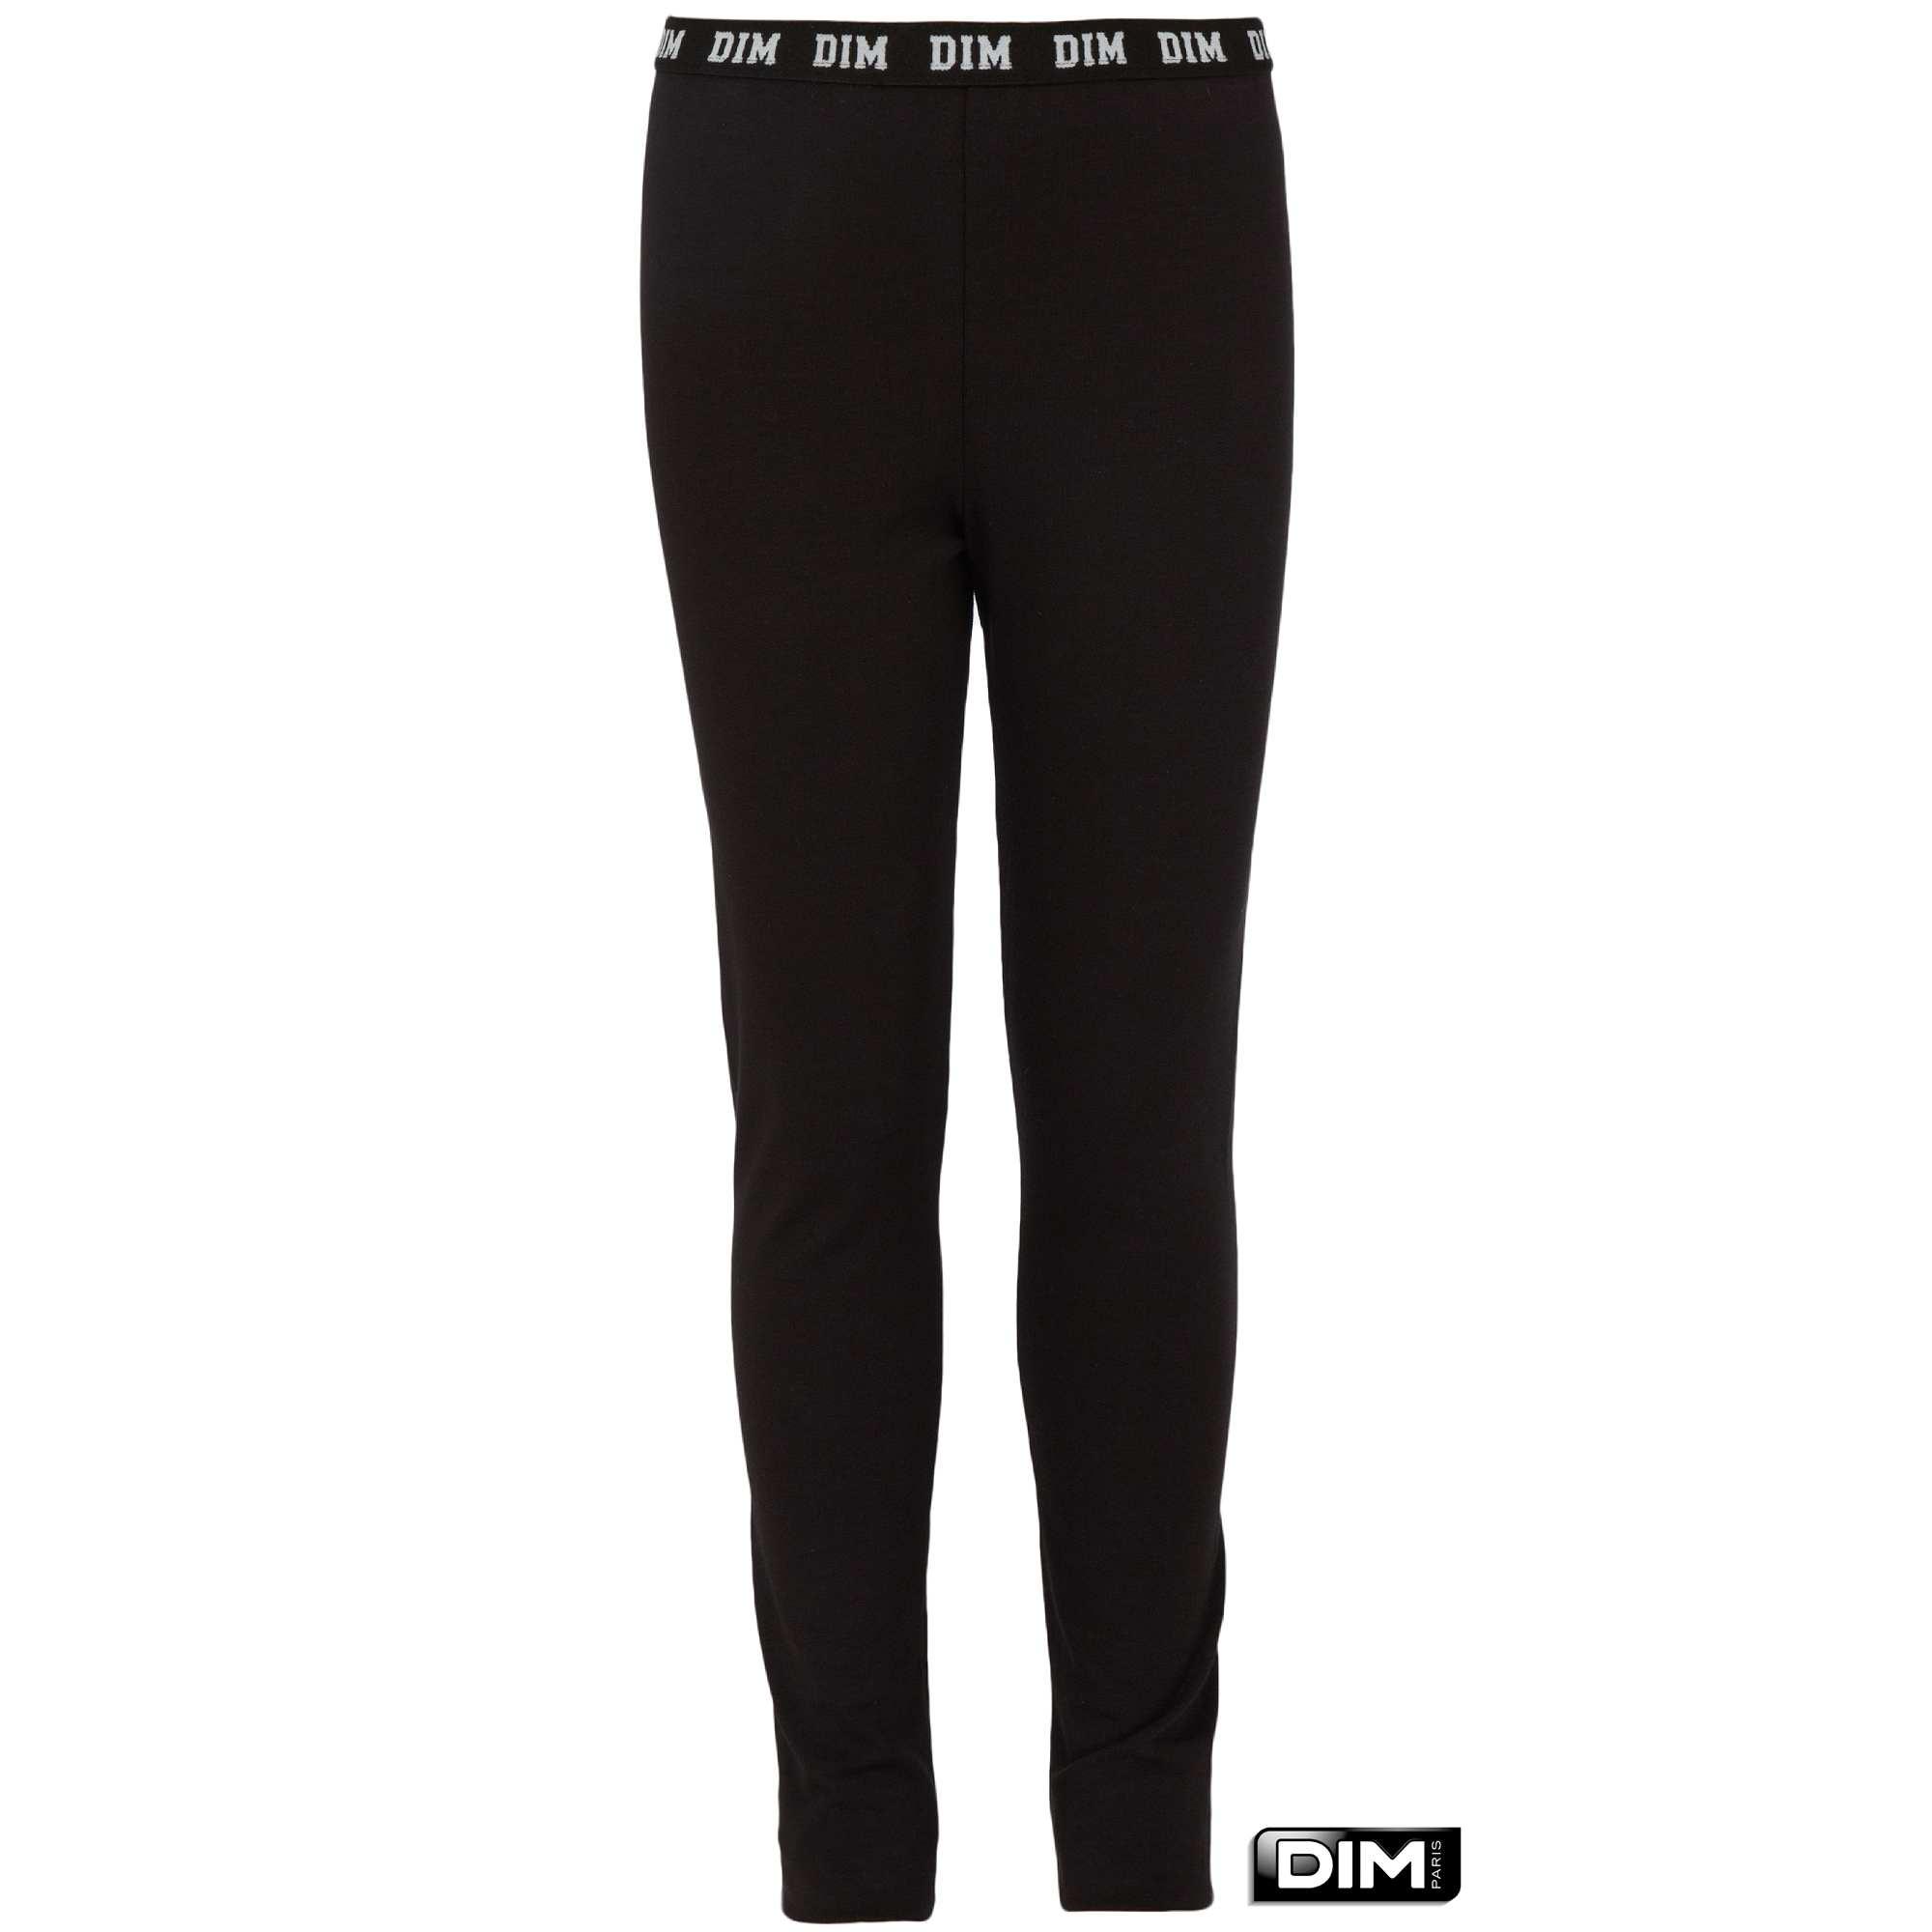 Couleur : noir, , ,, - Taille : 4/5A, 8A, 6A,16A,14AUn indispensable ! - Taille élastique - En coton stretch - Uni